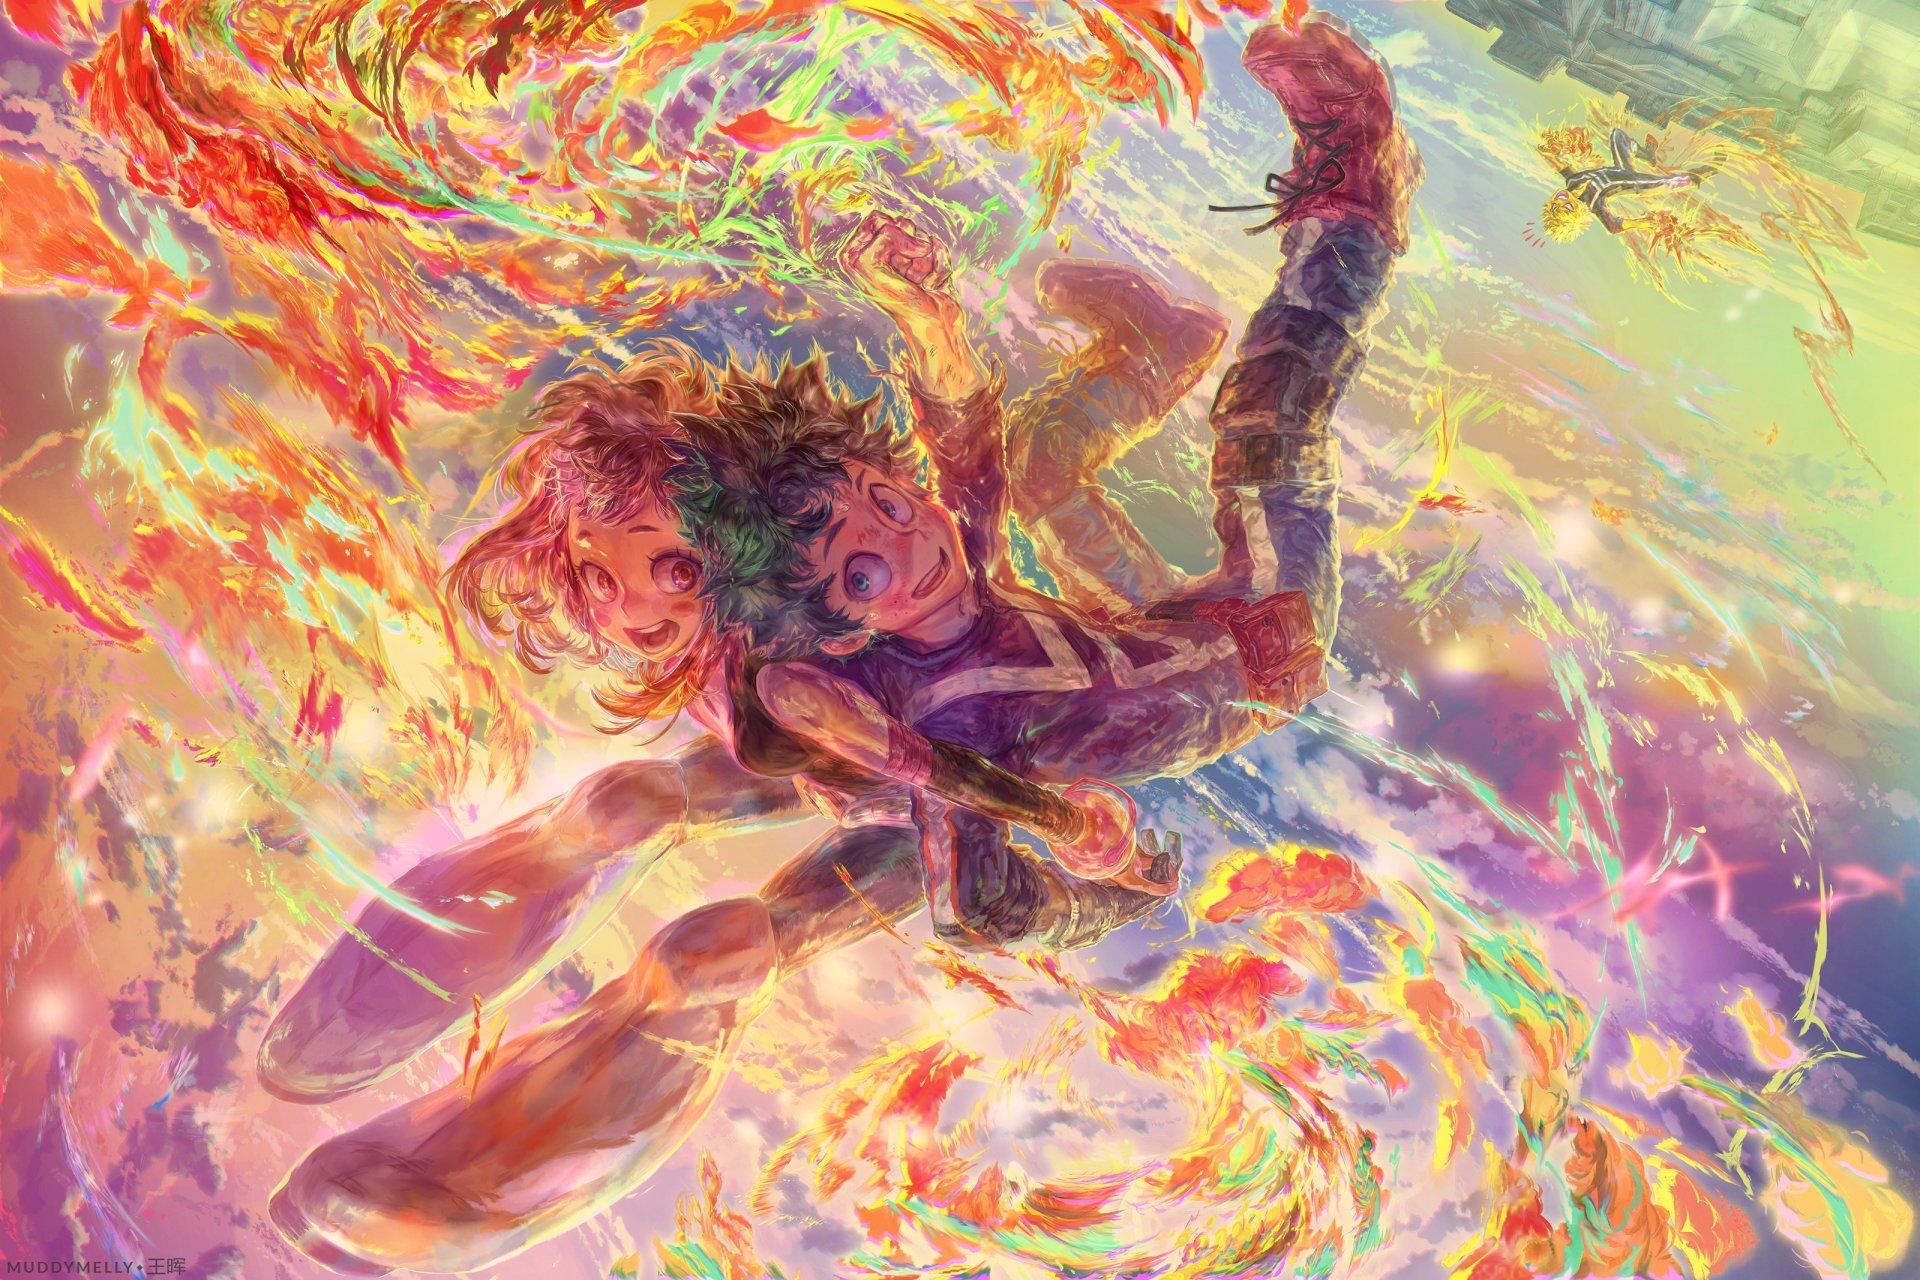 Anime - My Hero Academia  Ochako Uraraka Izuku Midoriya Wallpaper